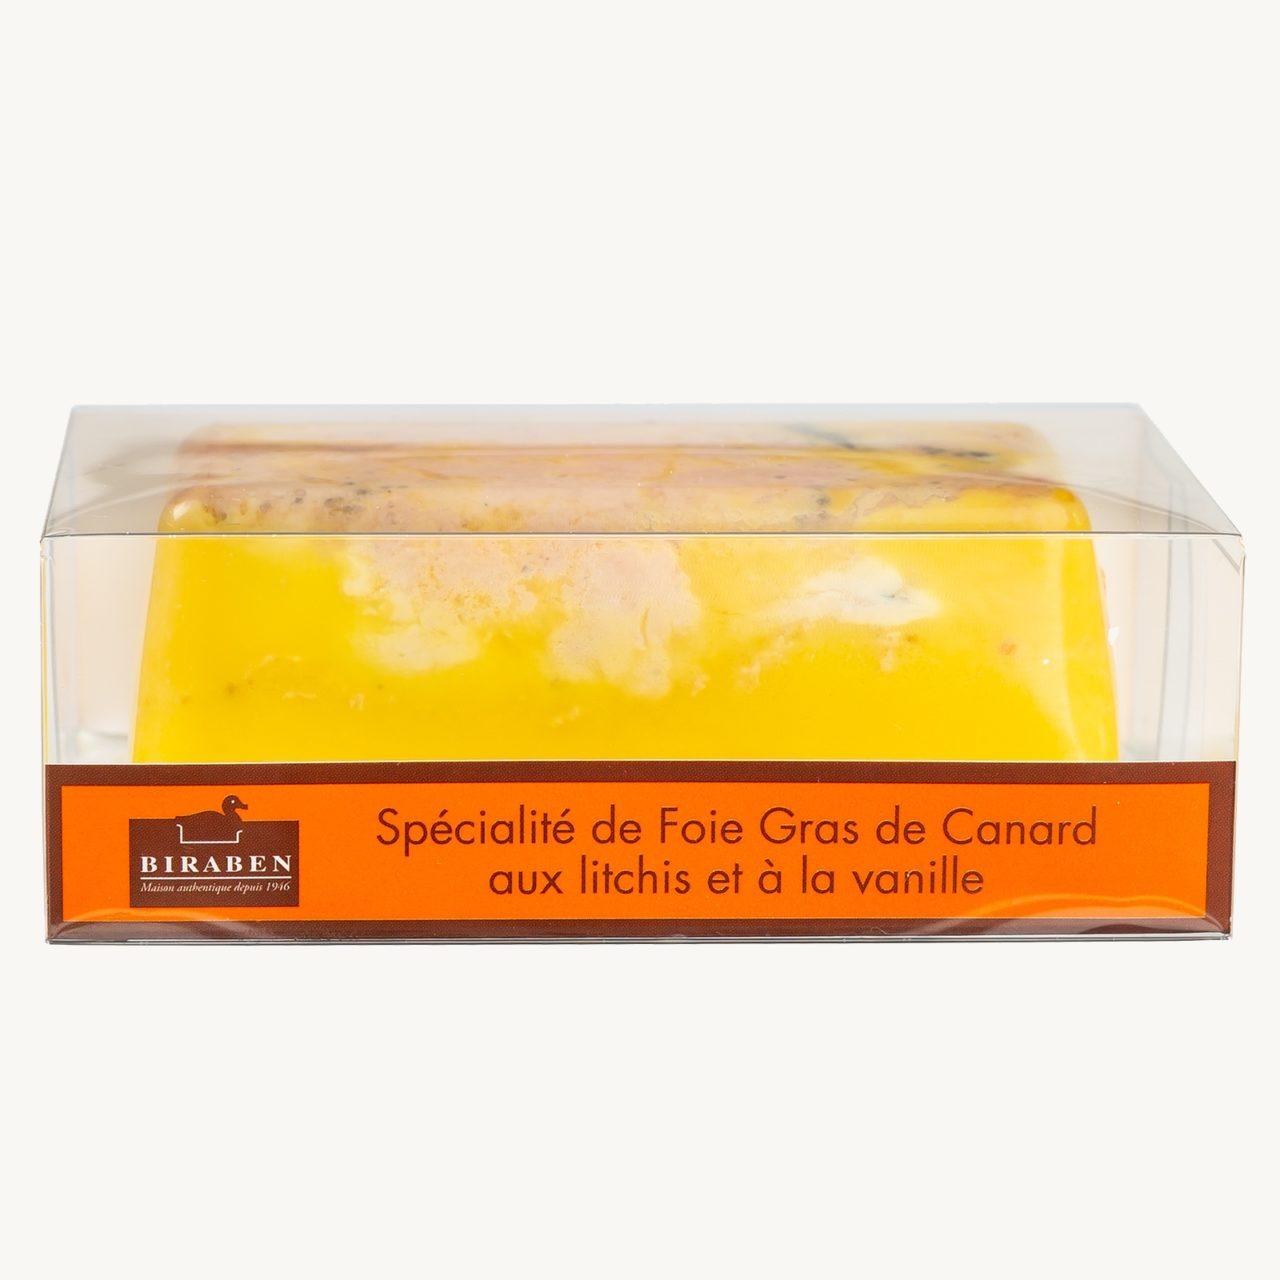 Spécialité de foie gras de canard mi-cuit Litchis vanille